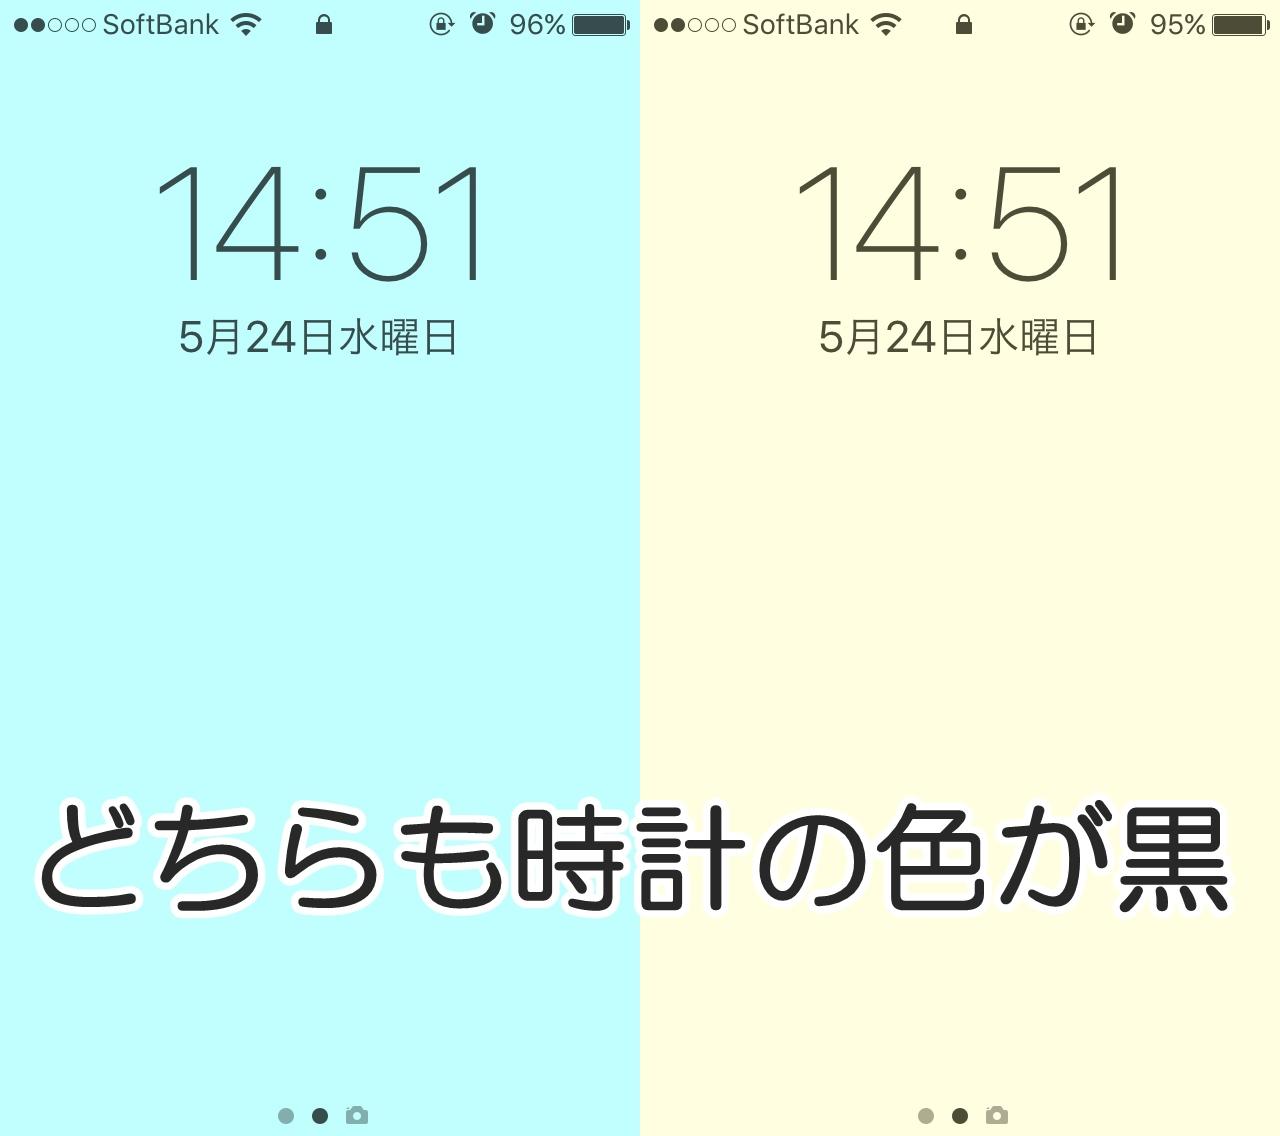 Iphoneのロック画面の時計の位置や色を変更することが可能か検証